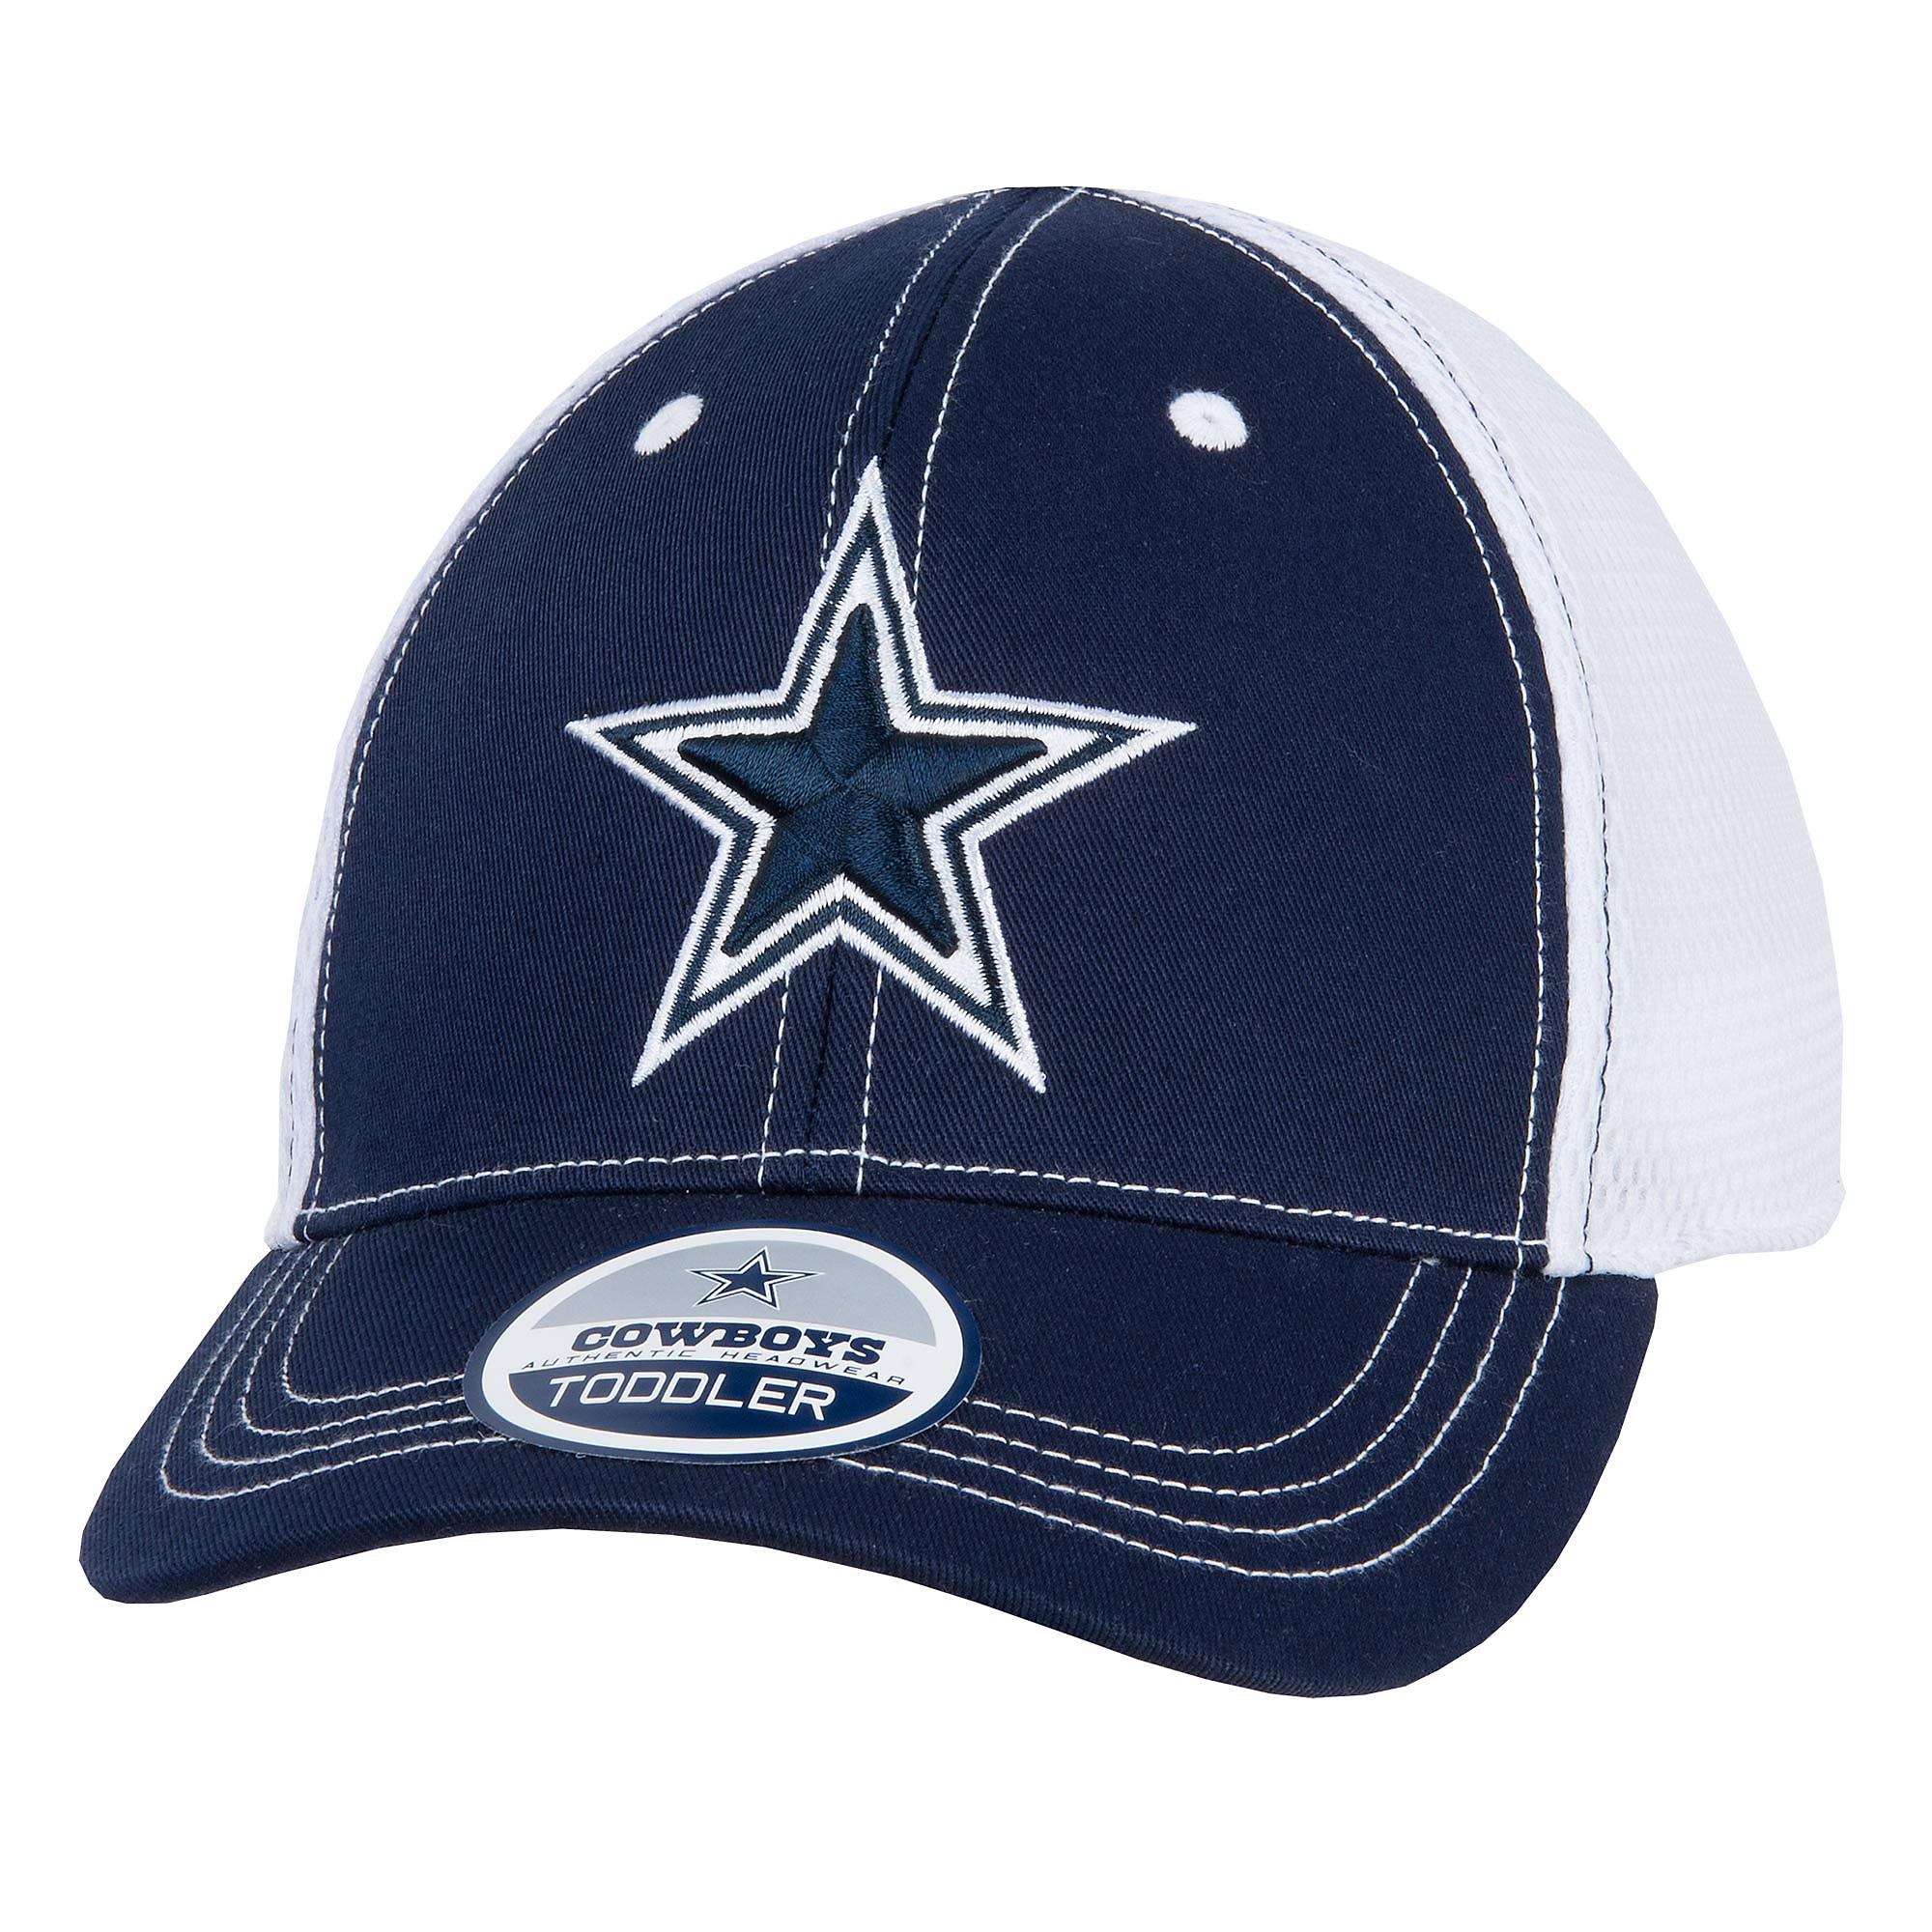 b74a90652 Dallas Cowboys Toddler OTA Cap | Fans United